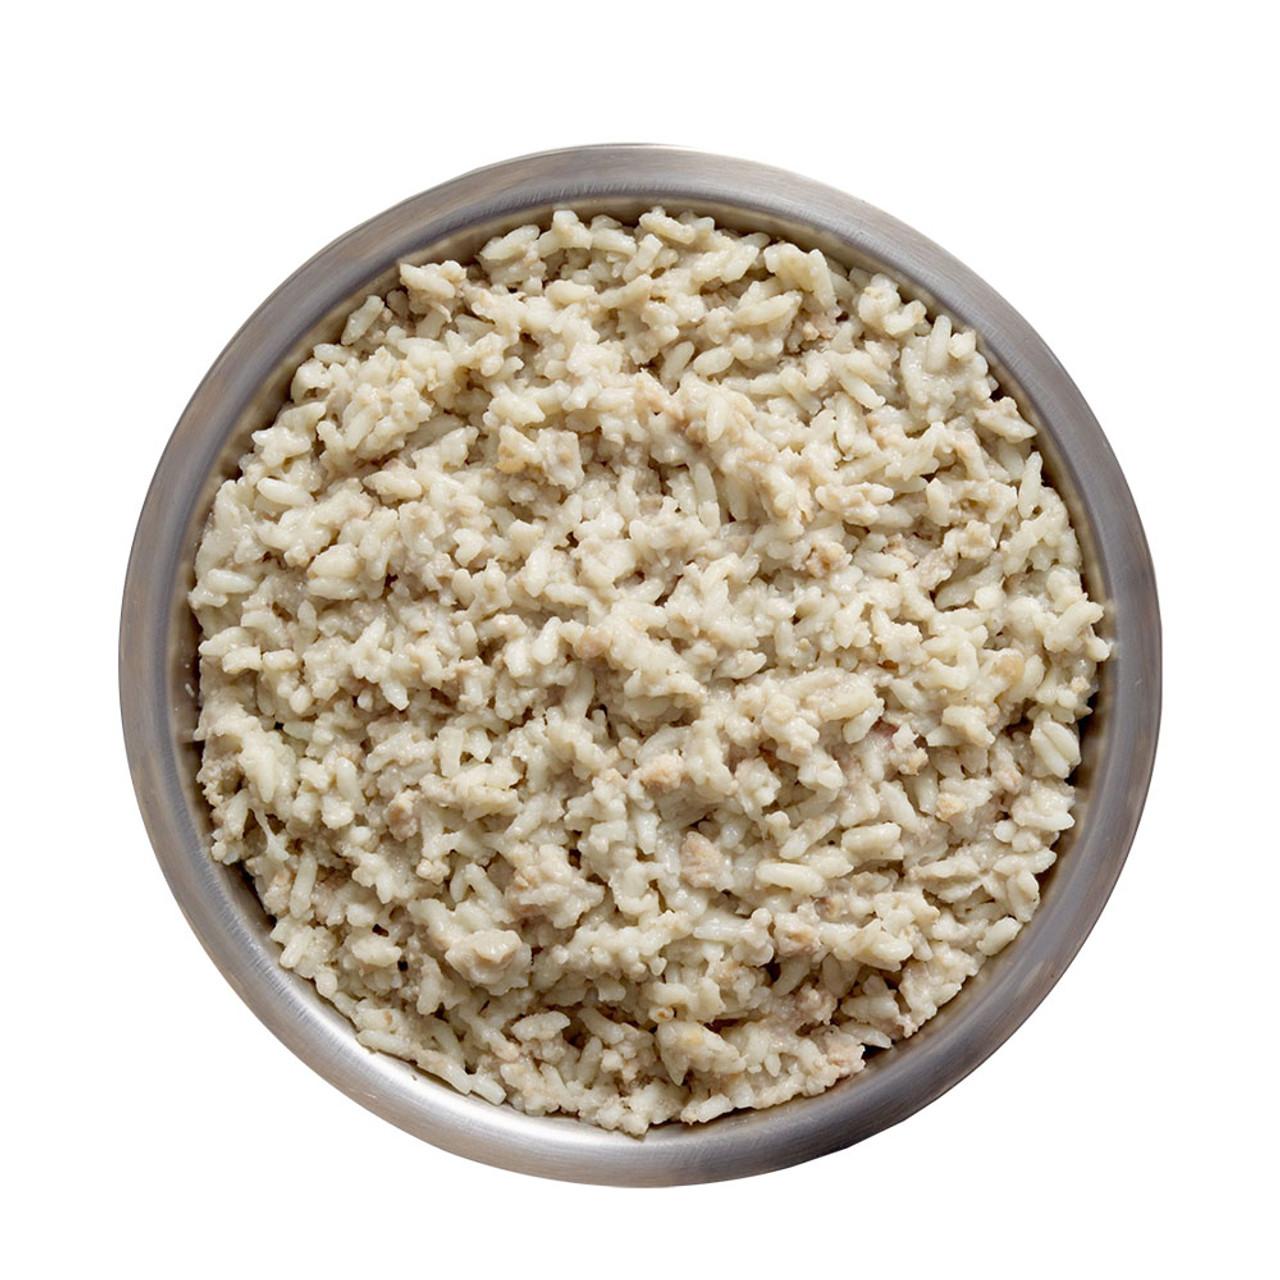 JustFoodForDogs Balanced Remedy Wet Dog Food - Back